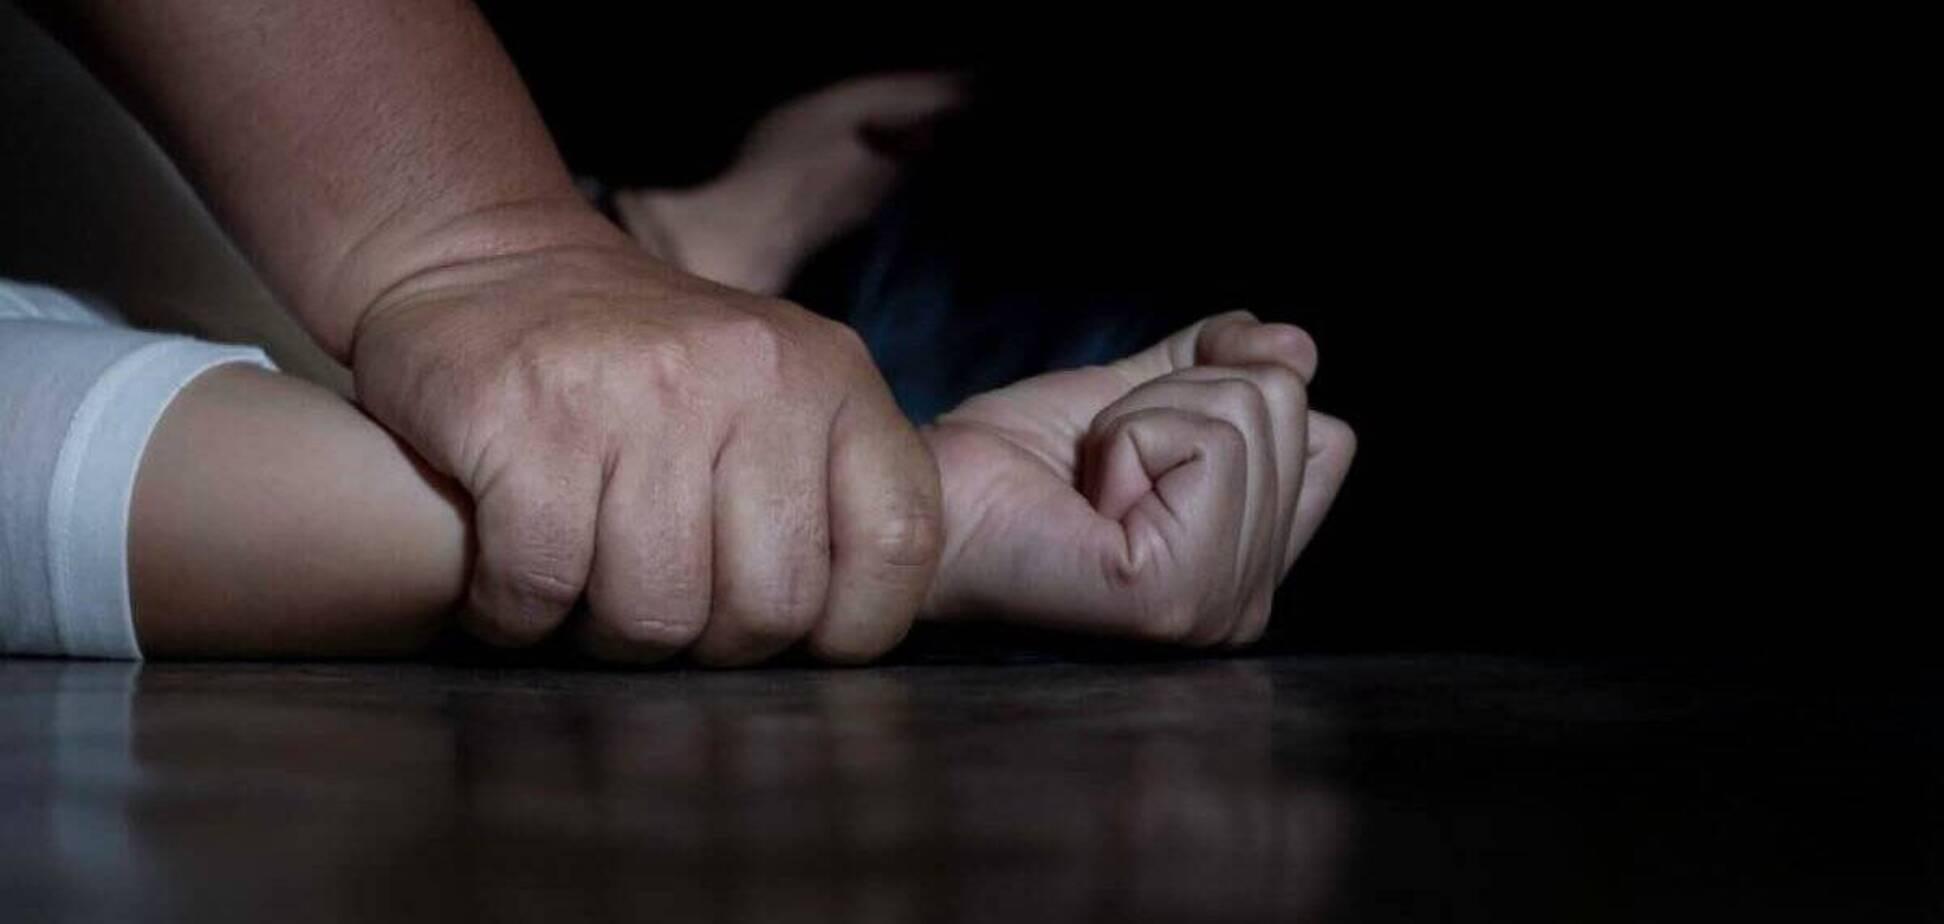 У Дніпрі на Монастирському острові зґвалтували жінку: поліція шукає злочинця